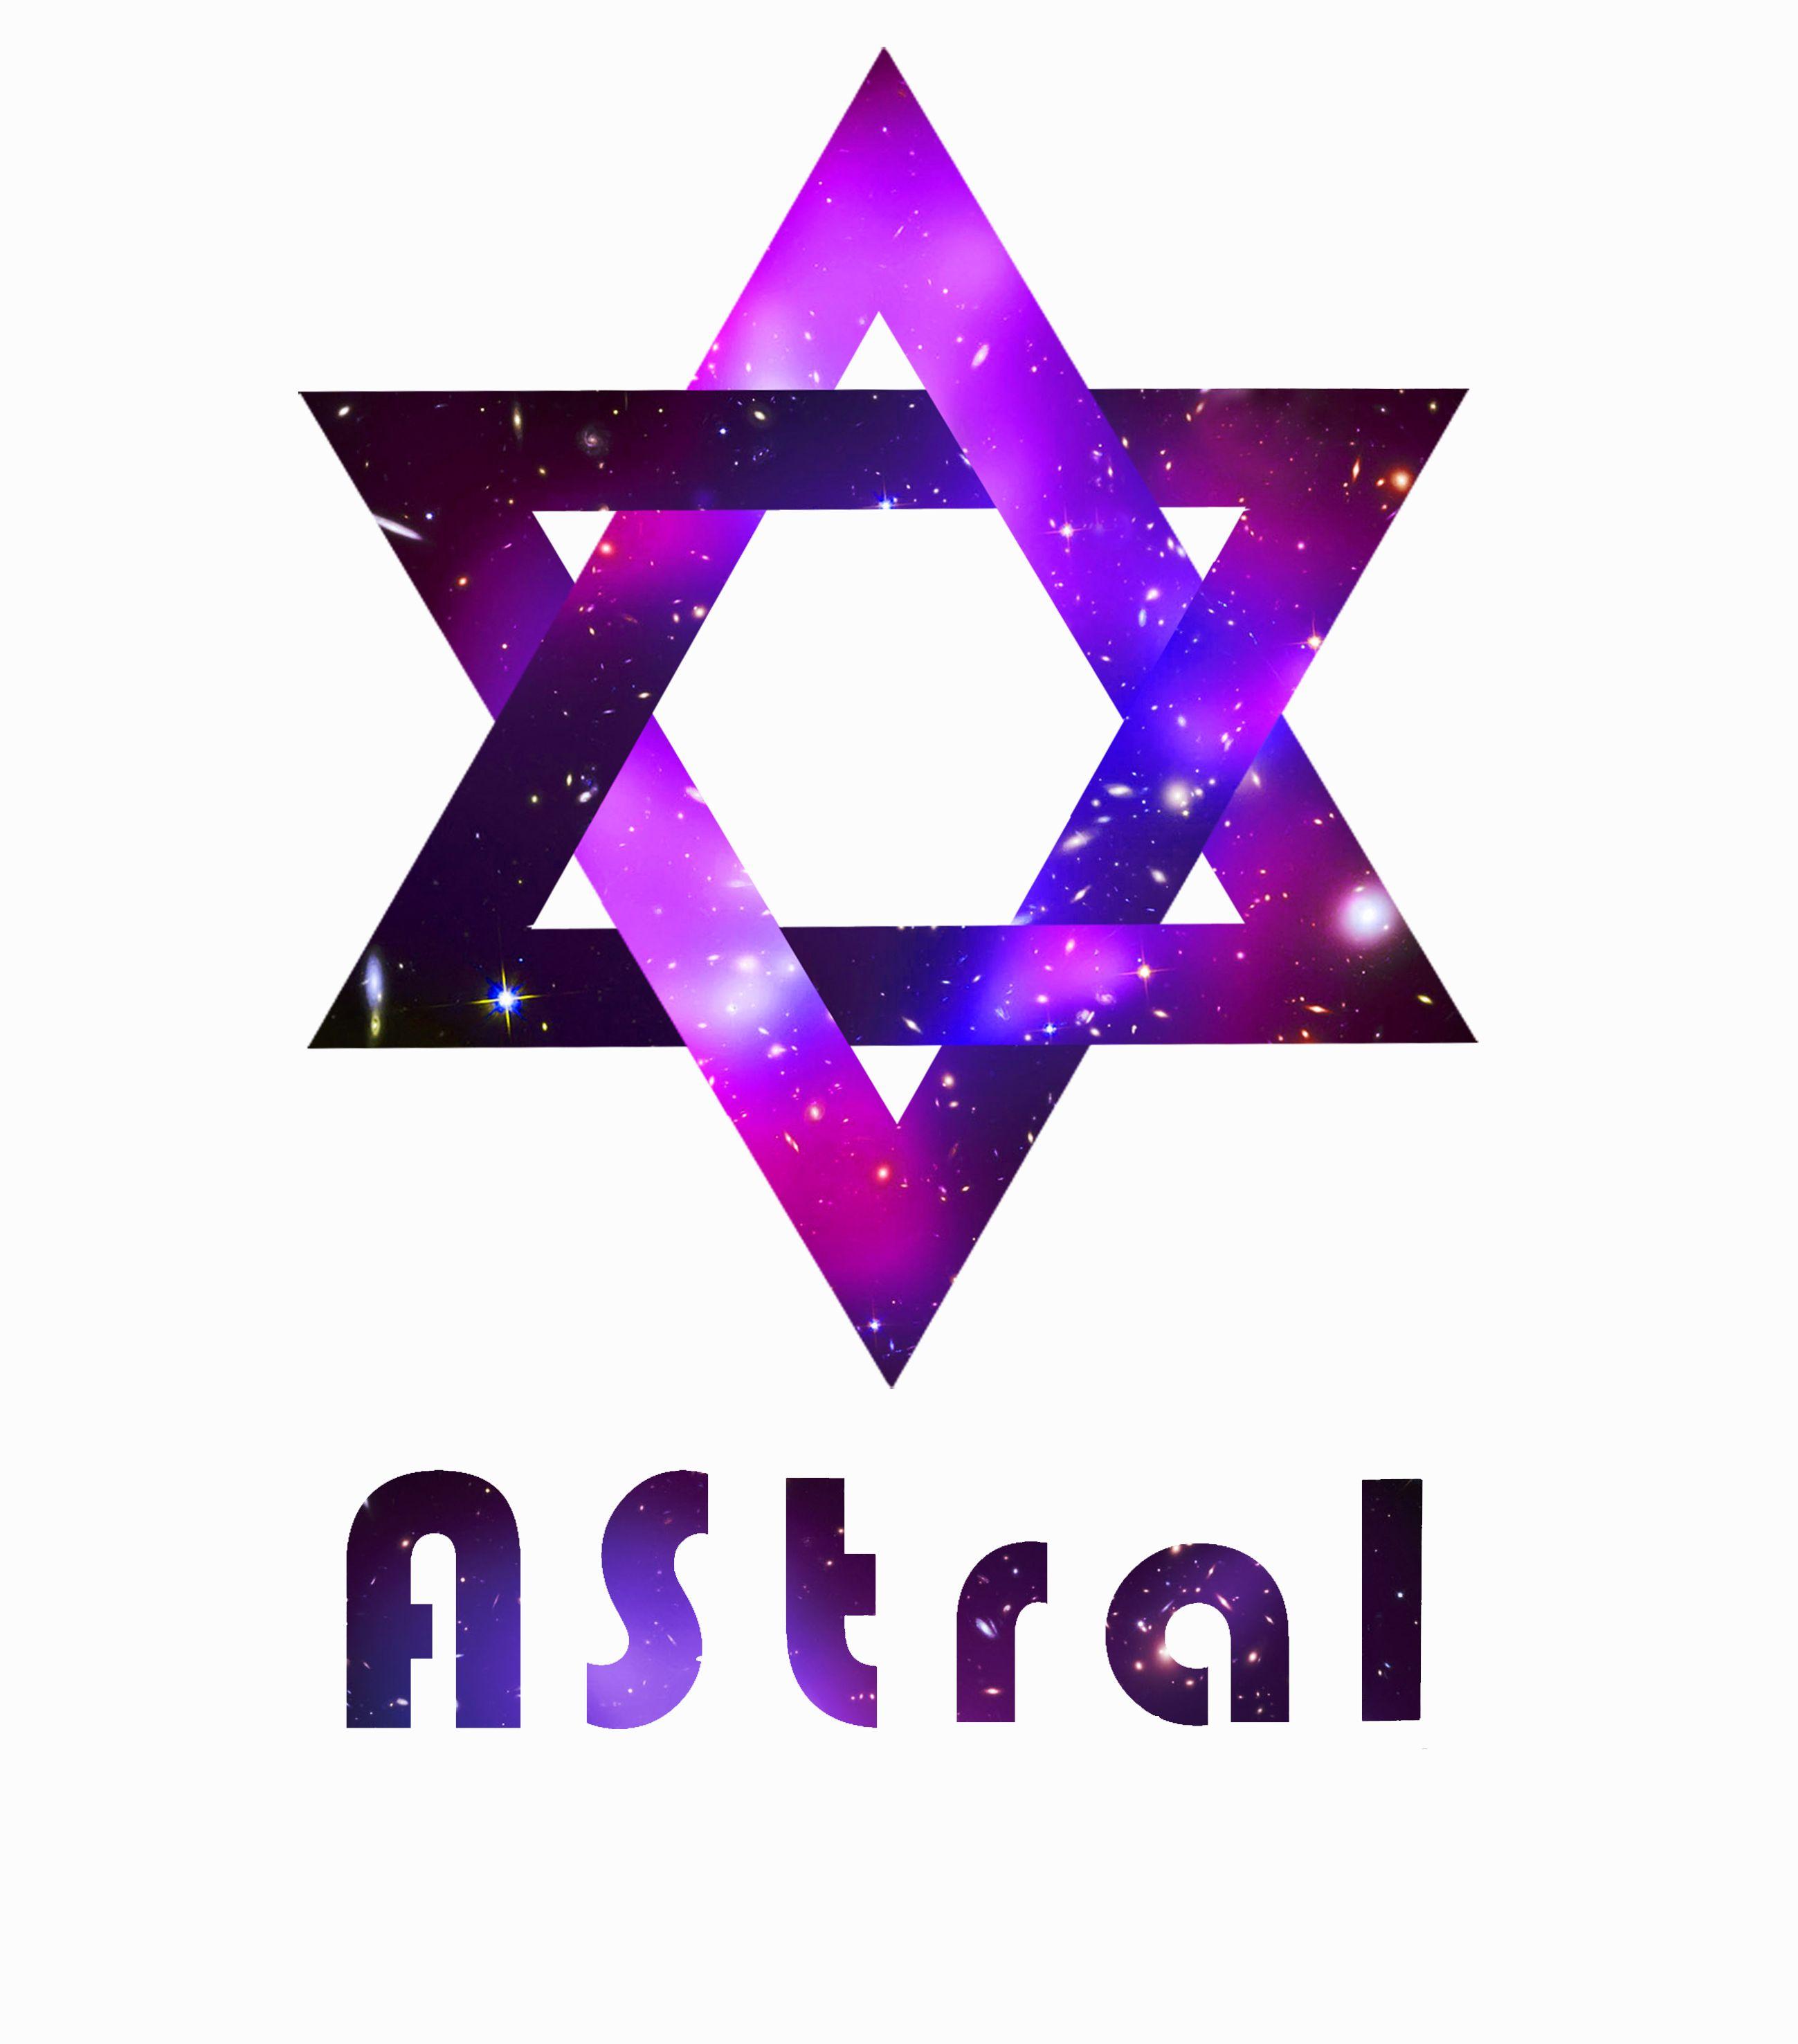 logo logo 标志 设计 矢量 矢量图 素材 图标 2598_2953图片